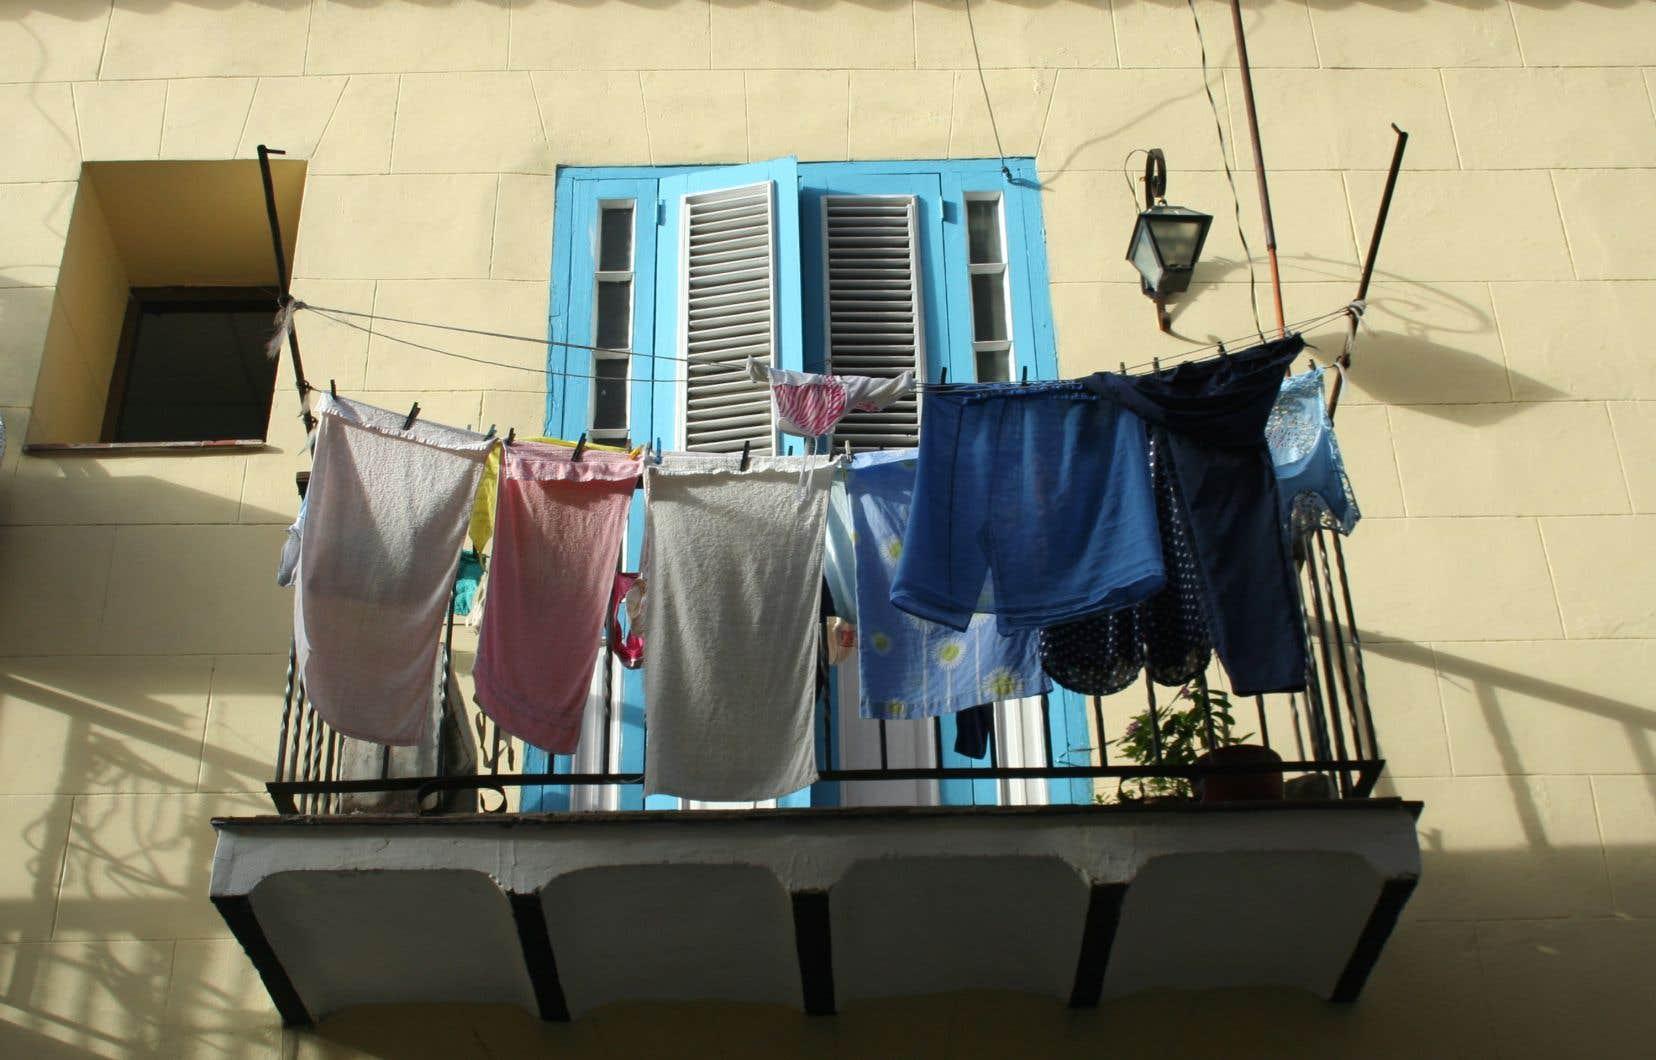 C'est lorsque les rues étroites de Habana Vieja sont désertes qu'on peut notamment apprécier la diversité des portes de ce quartier touristique ou capter en photo les cordes à linge colorées qui l'habillent.